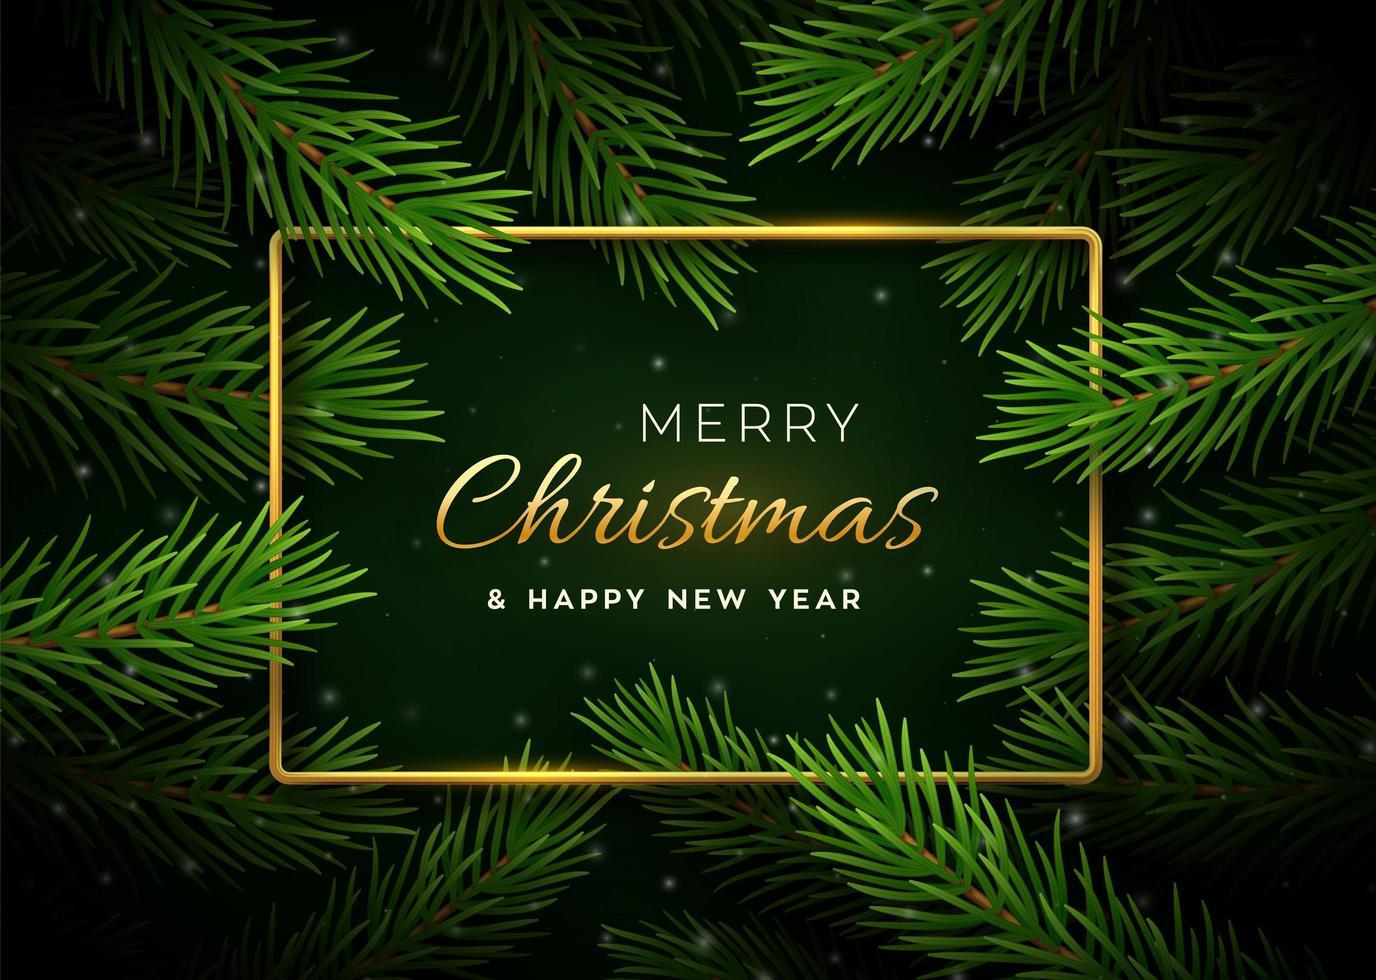 Weihnachtsbanner mit Ästen und goldenem Rahmen vektor